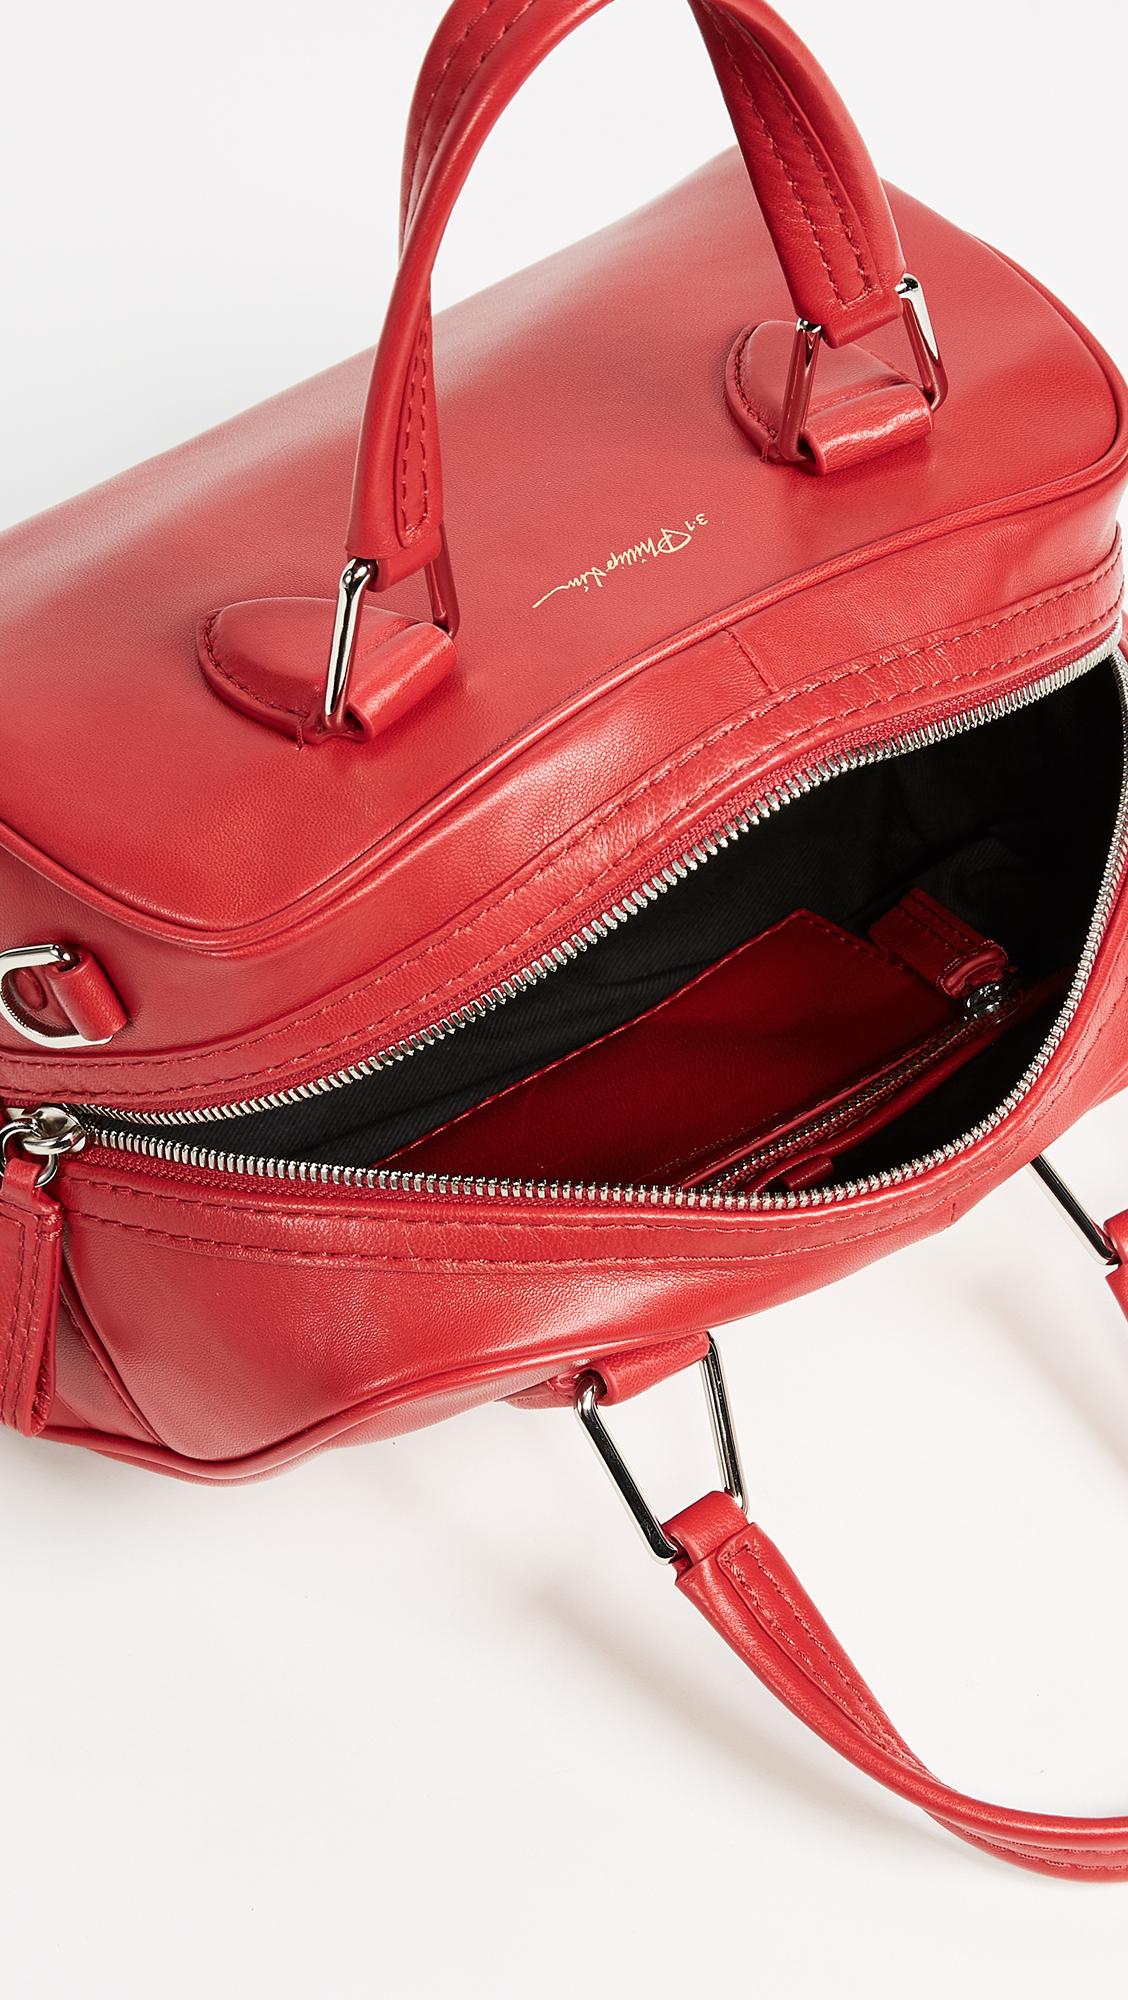 926d68bdca 3.1 Phillip Lim Ray Small Flight Bag